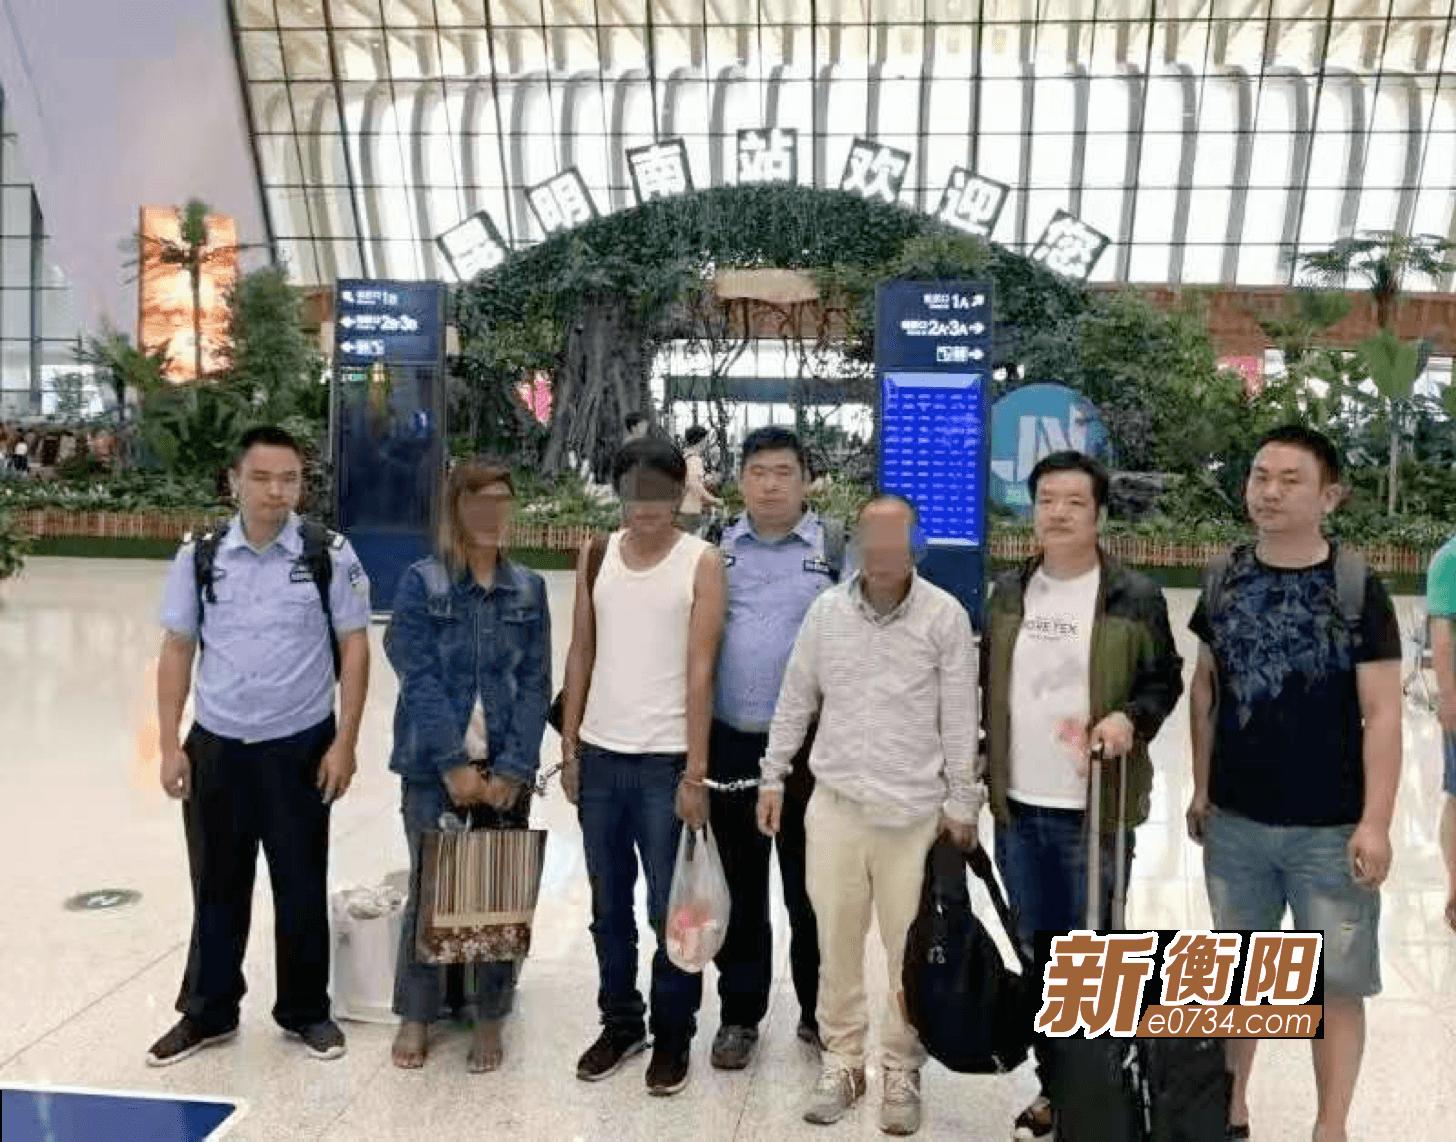 【净网2019】衡阳县警方摧毁跨国拐卖妇女网络